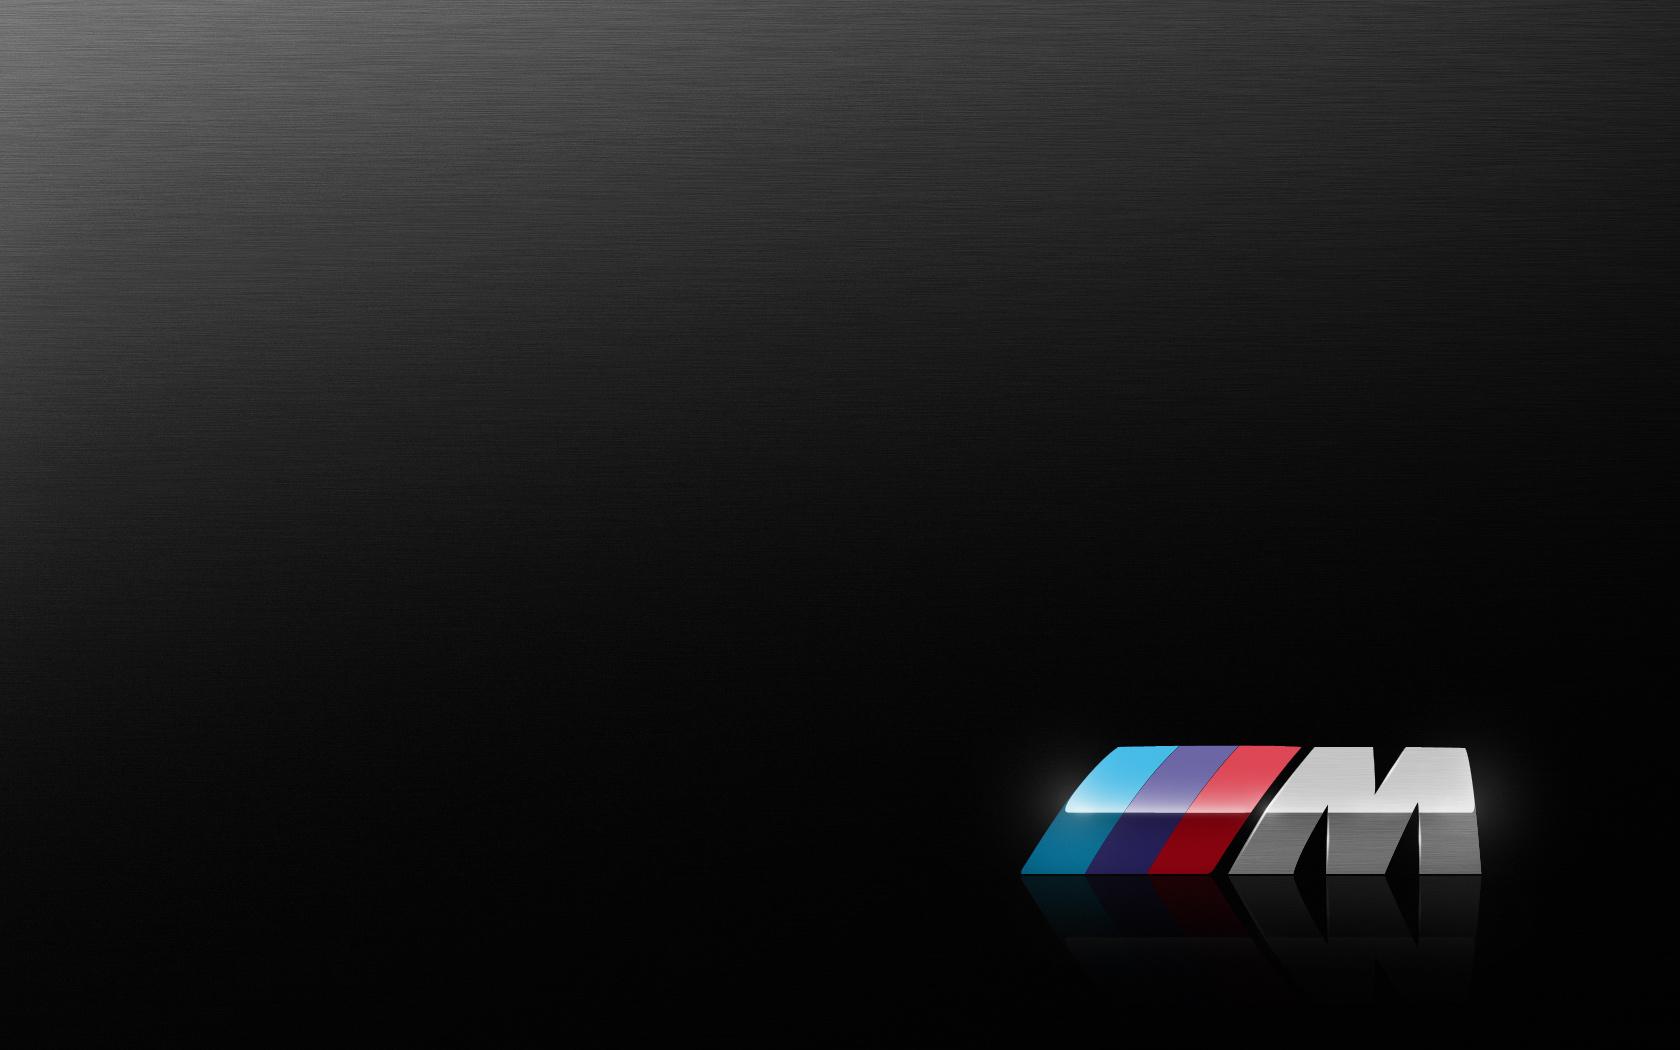 Bmw Logo Black >> BMW M HD Wallpaper - WallpaperSafari